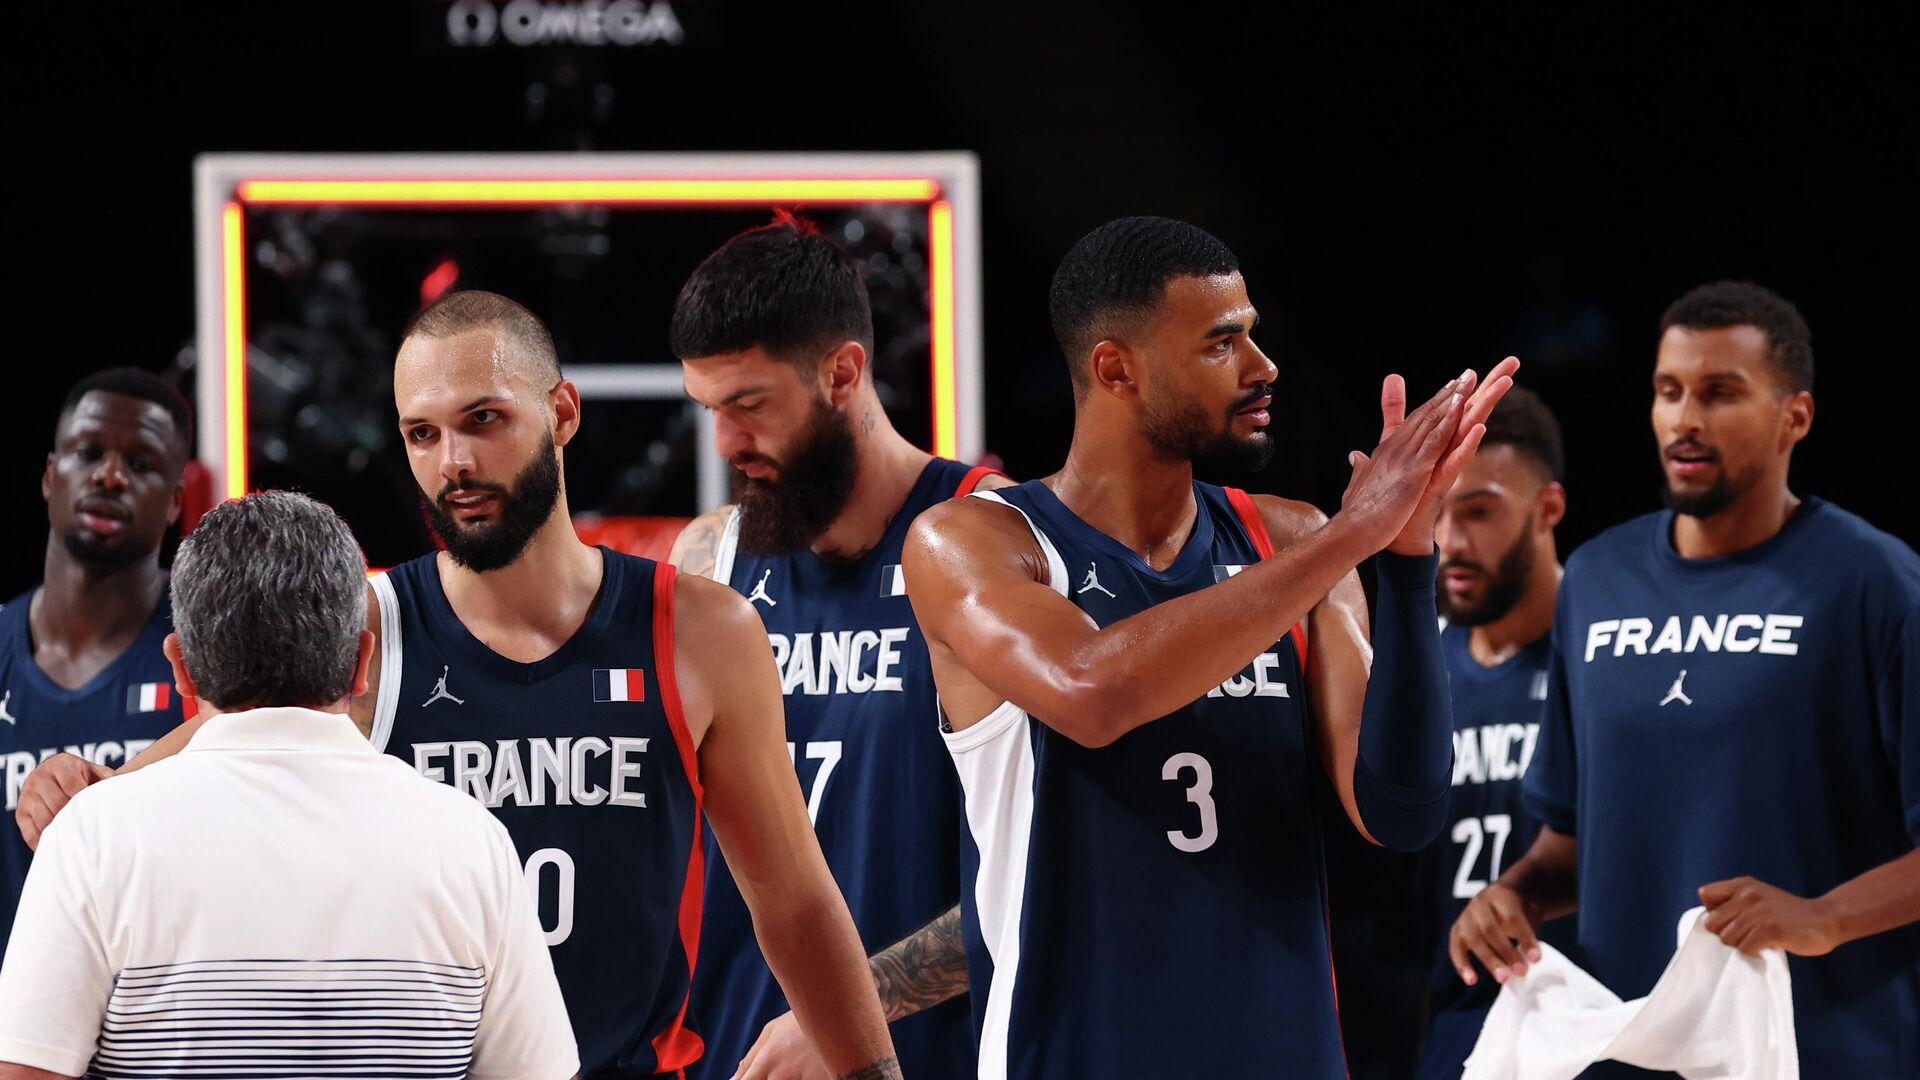 Баскетболисты сборной Франции - РИА Новости, 1920, 03.08.2021